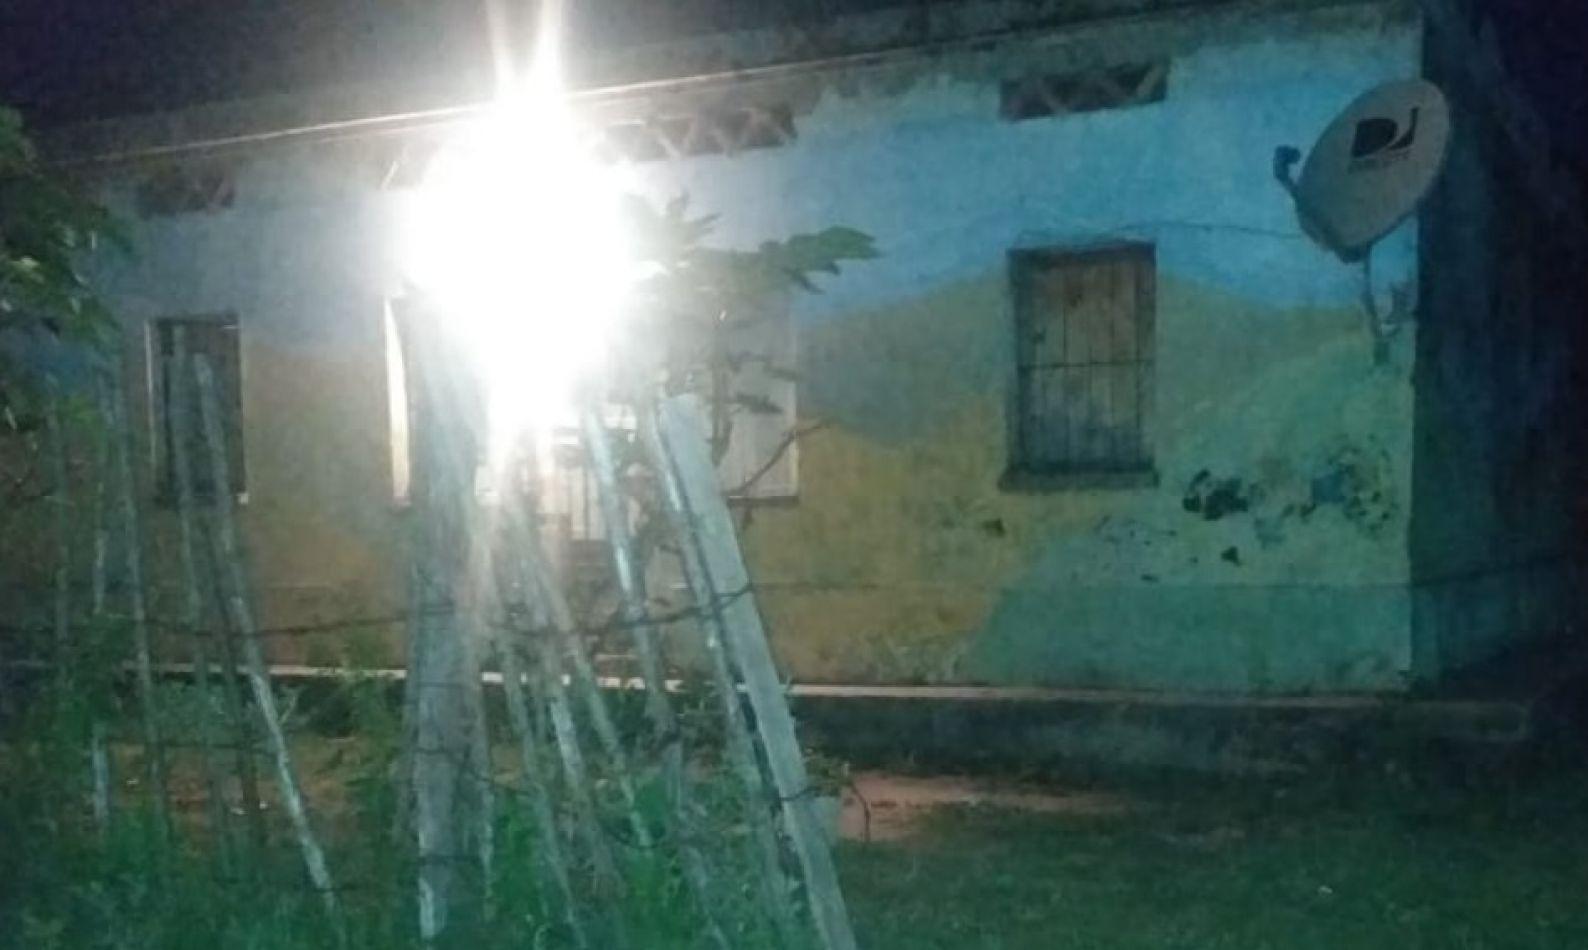 Papá salteño fue asesinado en la madrugada: su cuerpo quedó tirado en la puerta